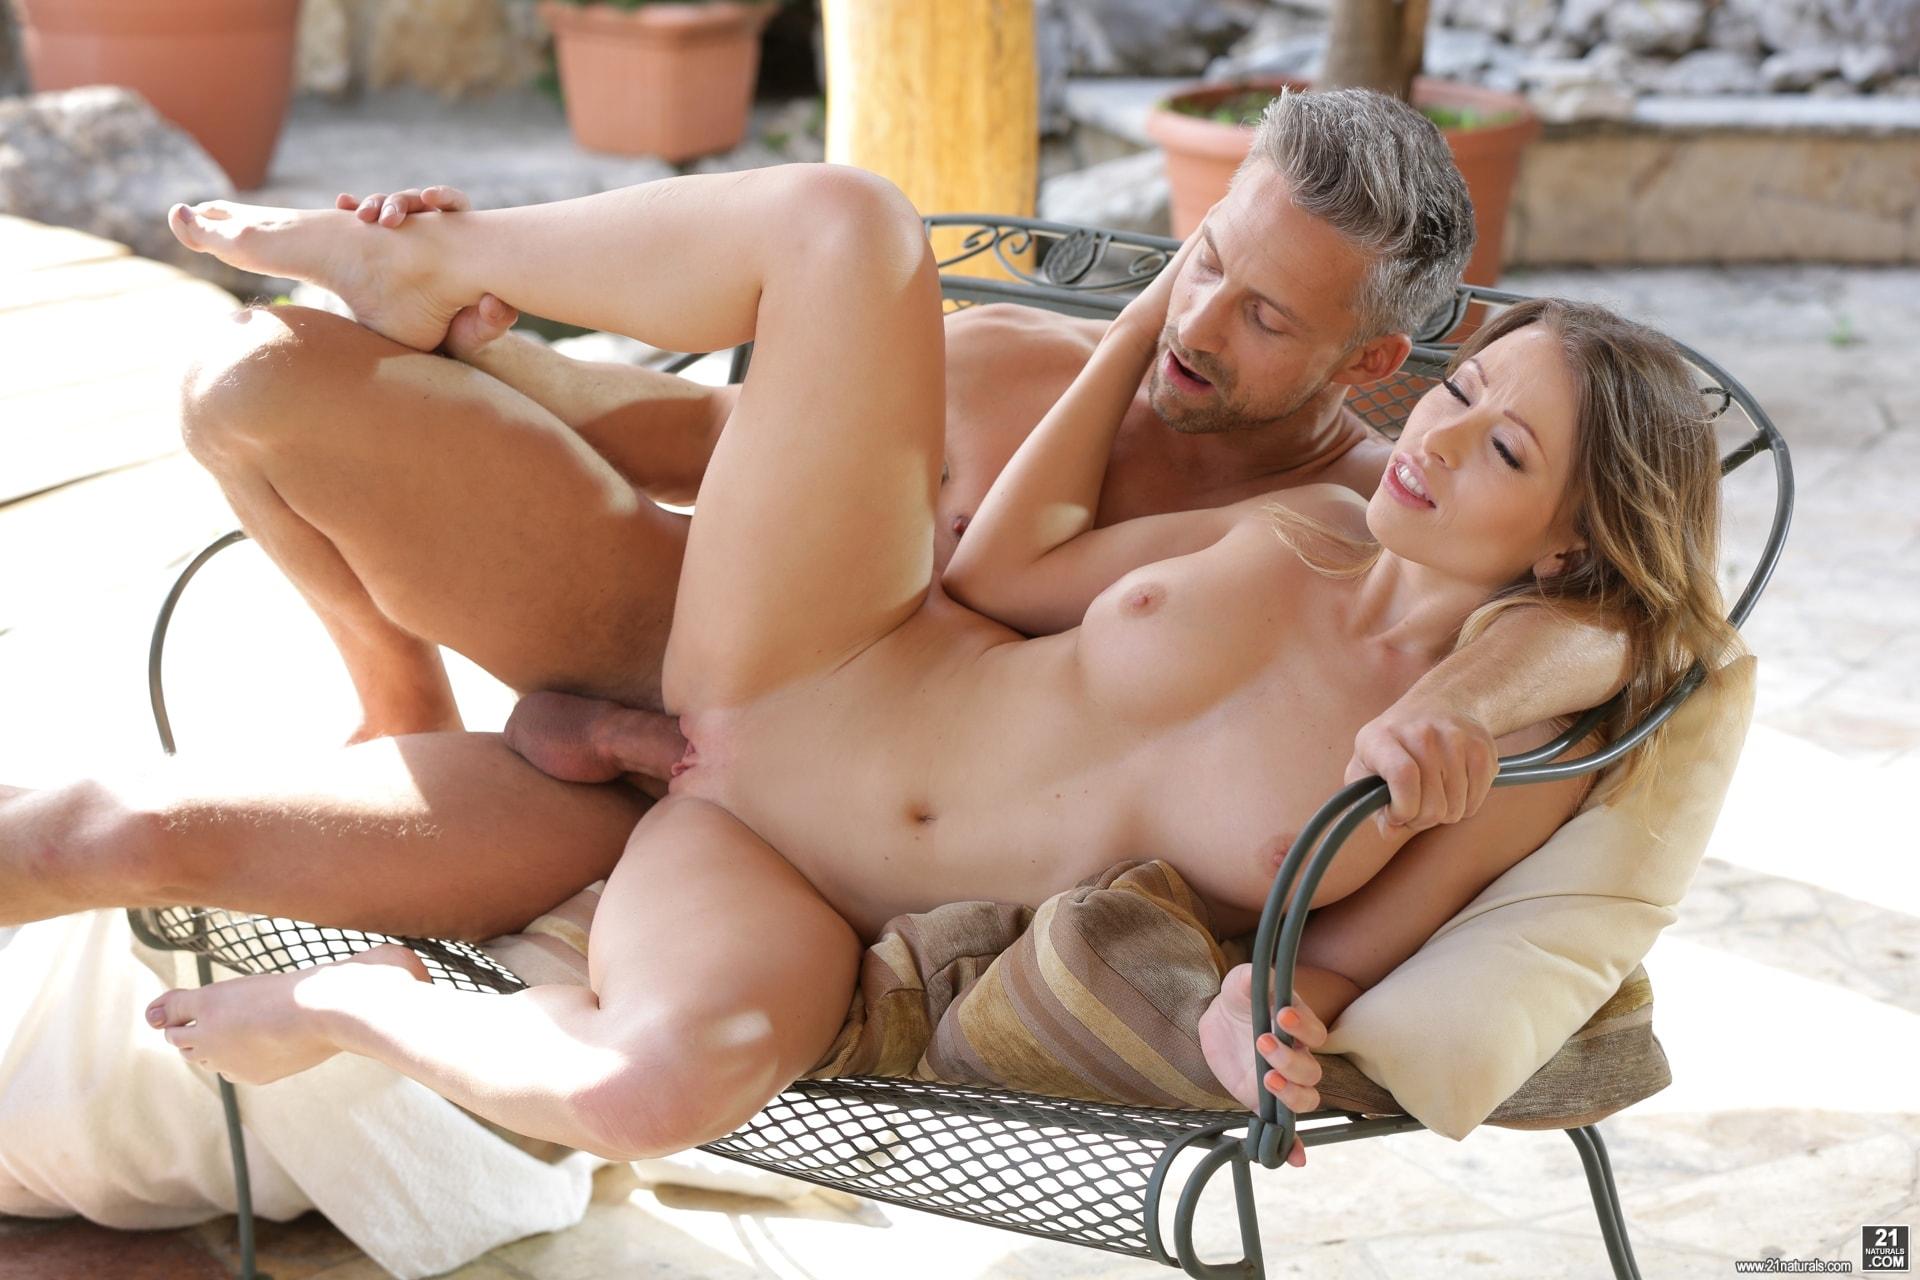 21Sextury 'Garden Sex' starring Vera Wonder (Photo 125)